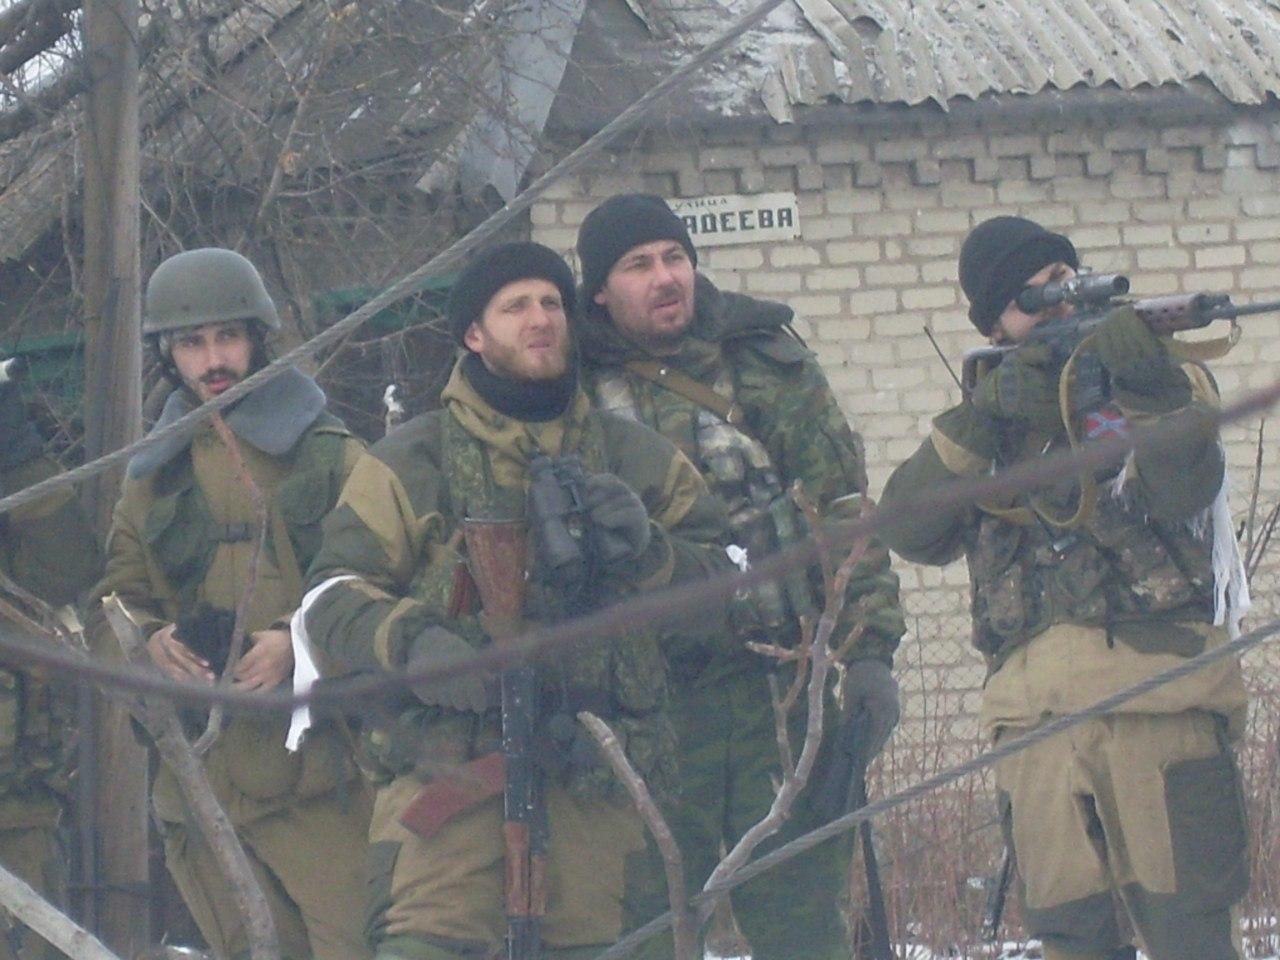 Антон Коровин (слева). Фото из социальных сетей